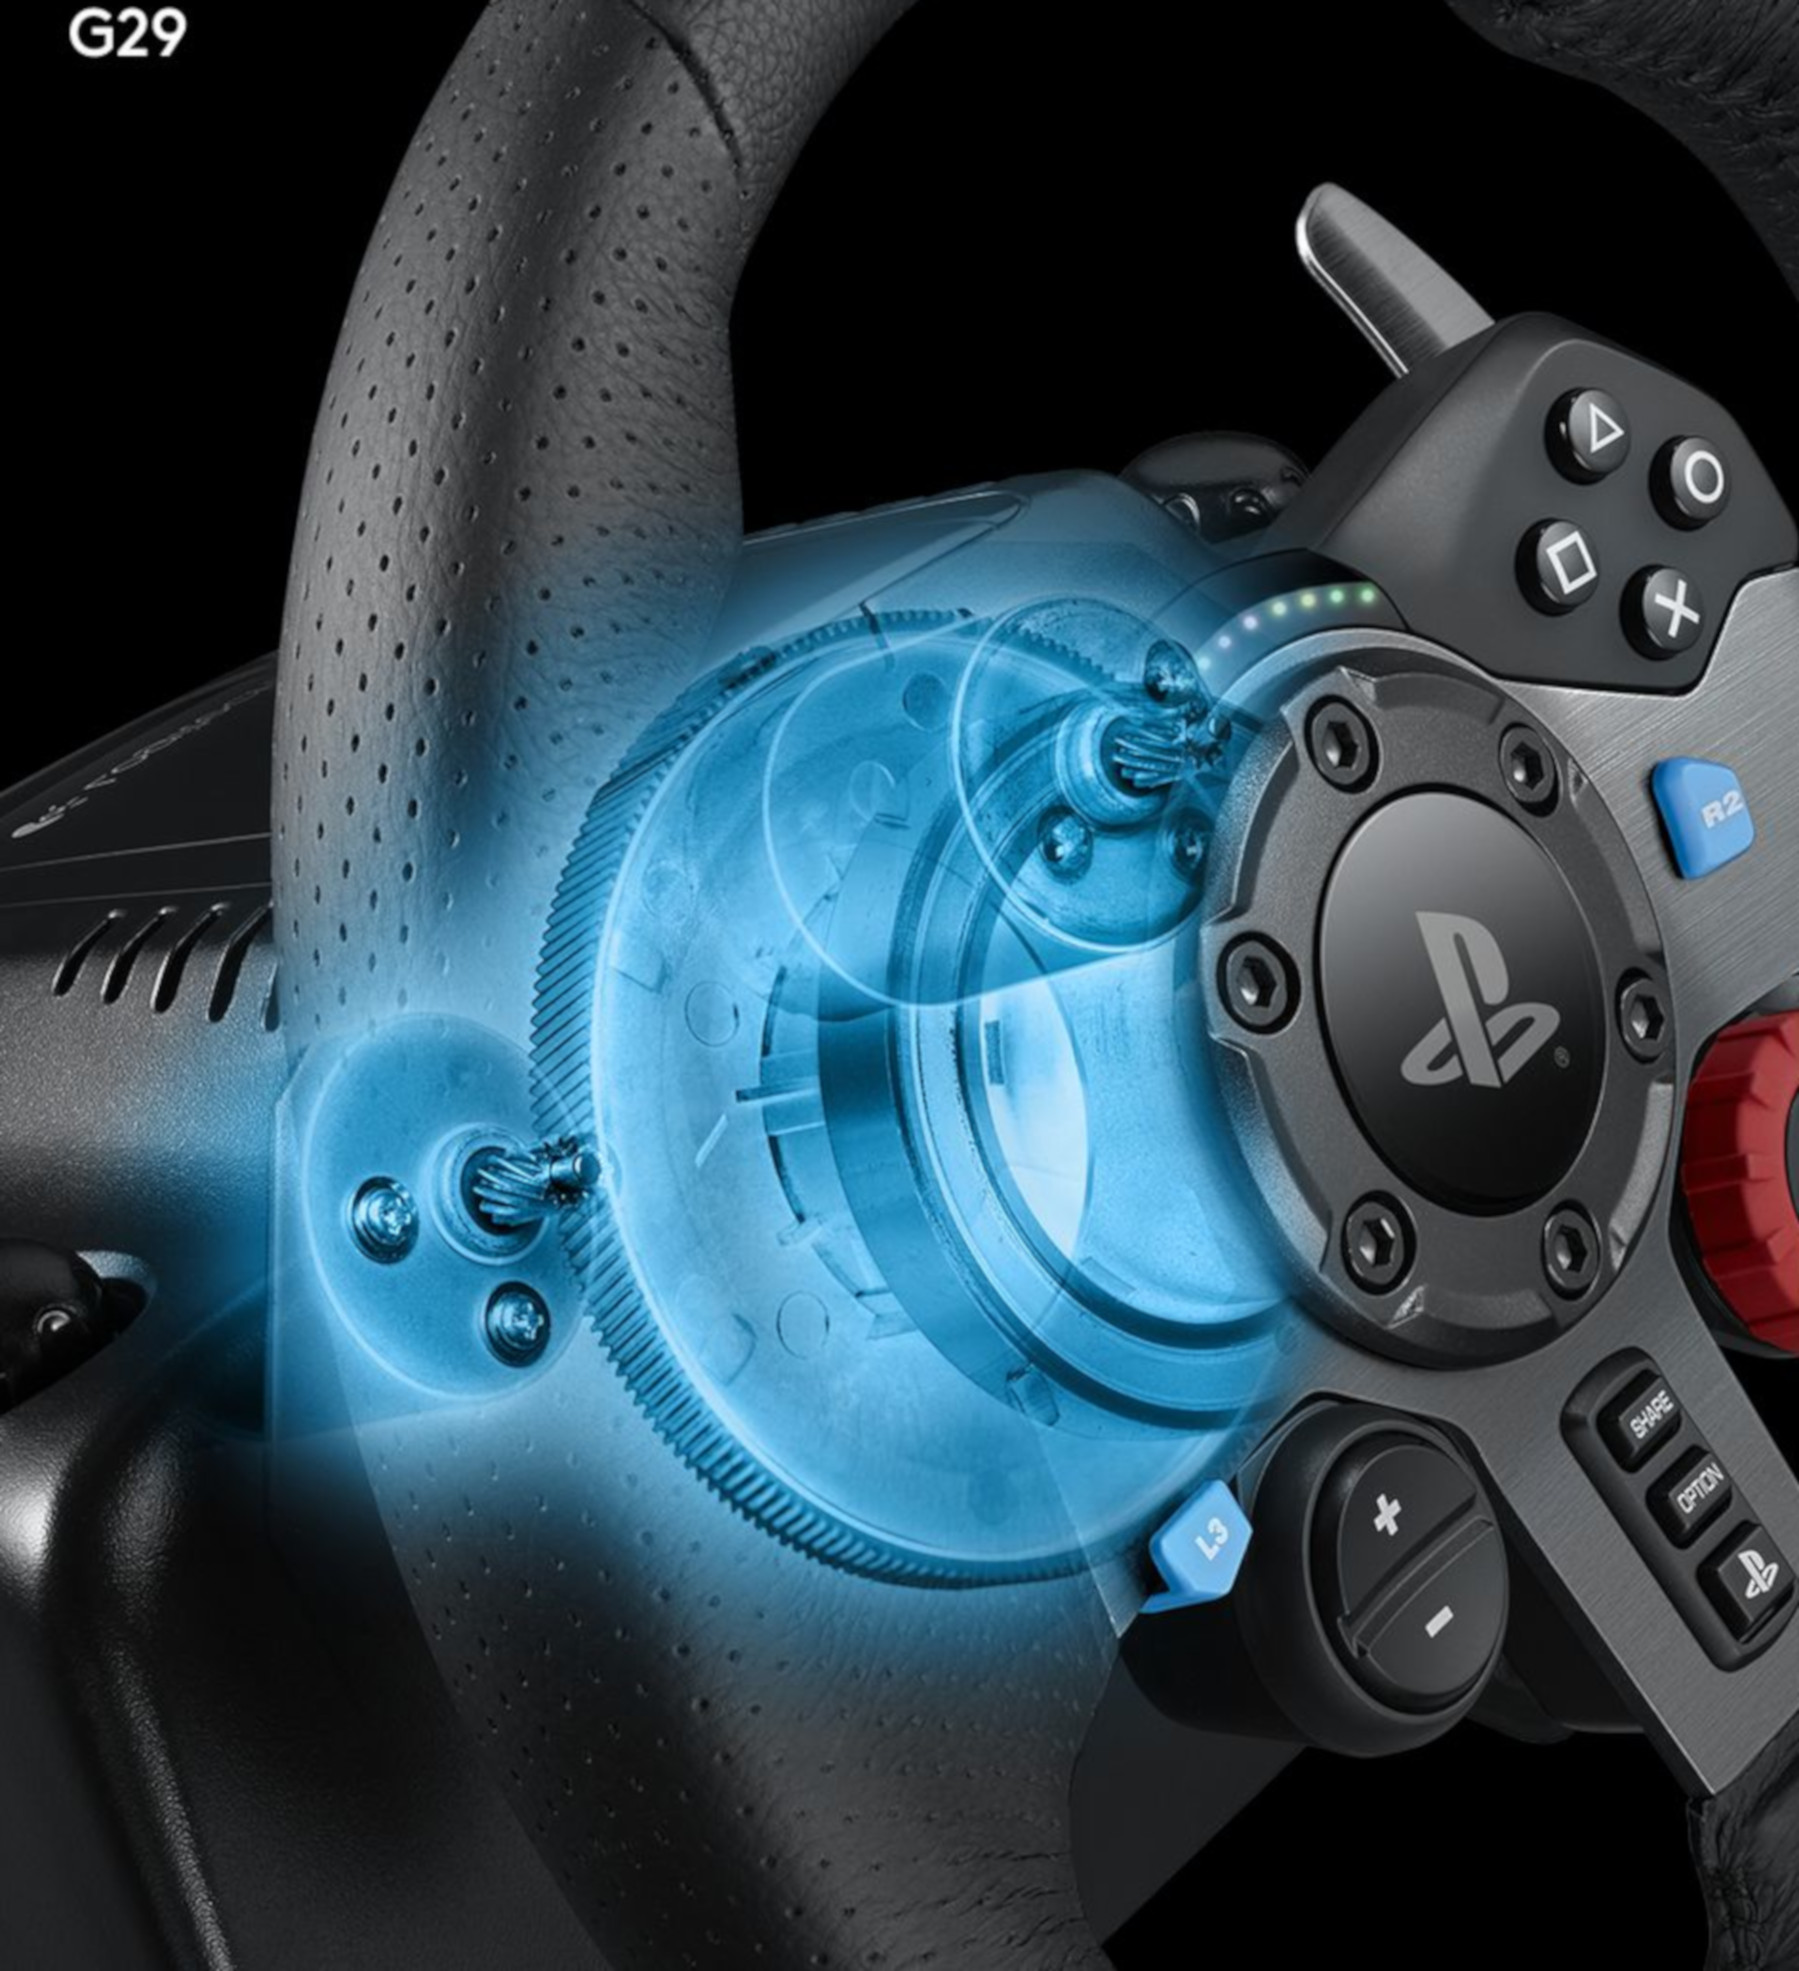 Chơi game đua xe giống thực tế với Vô Lăng chơi game Logitech G29 DRIVING FORCE